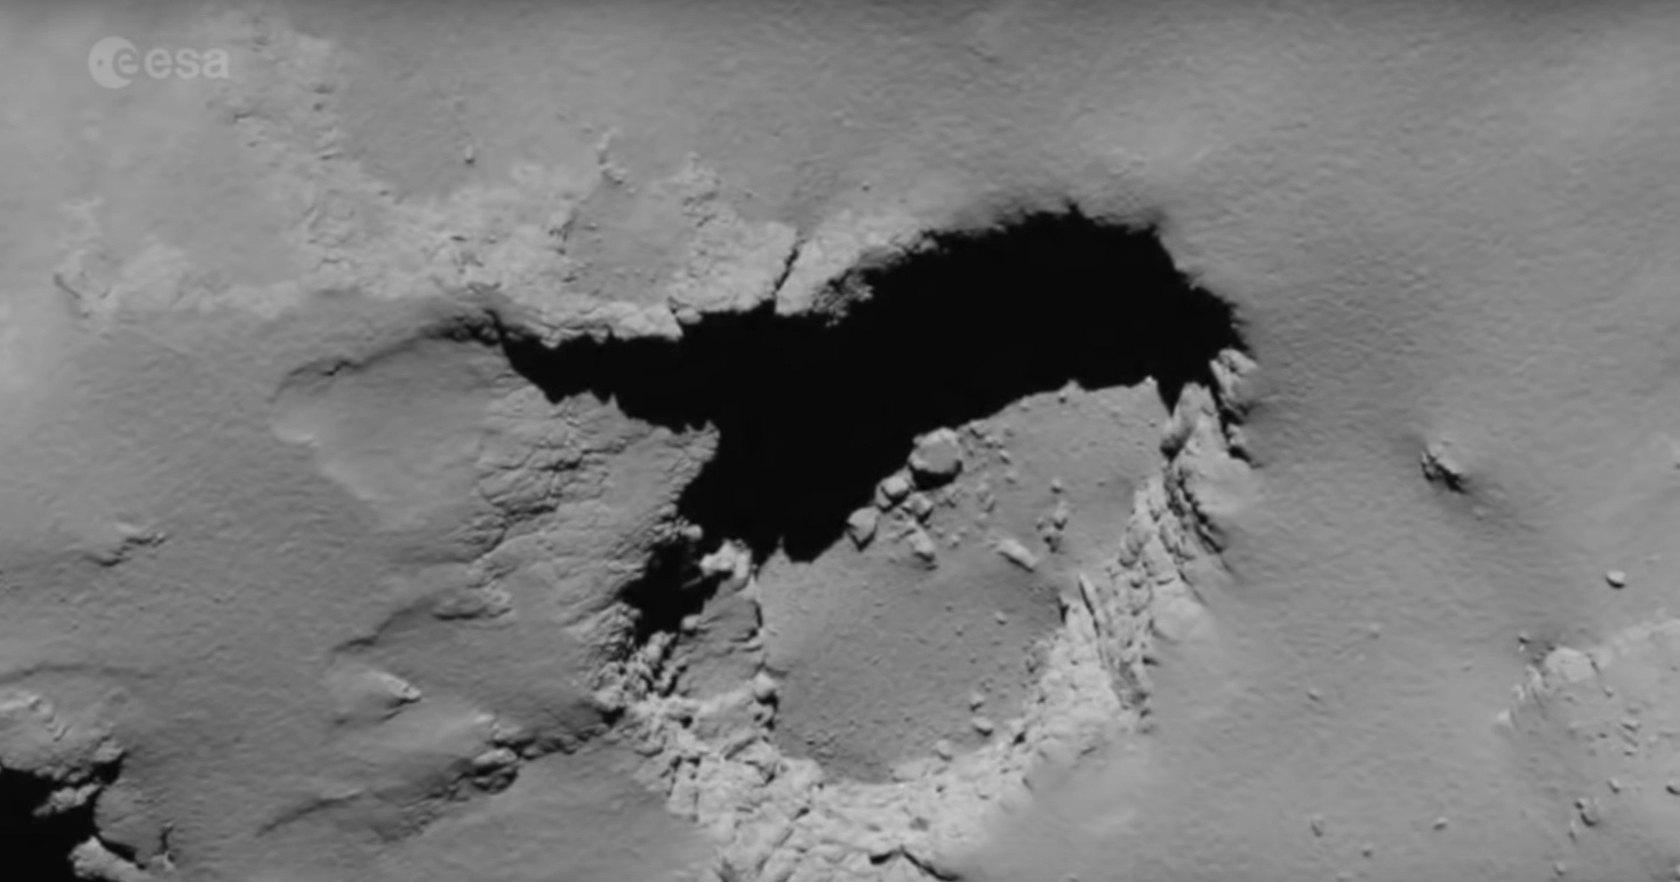 Что можно увидеть при столкновении с кометой?